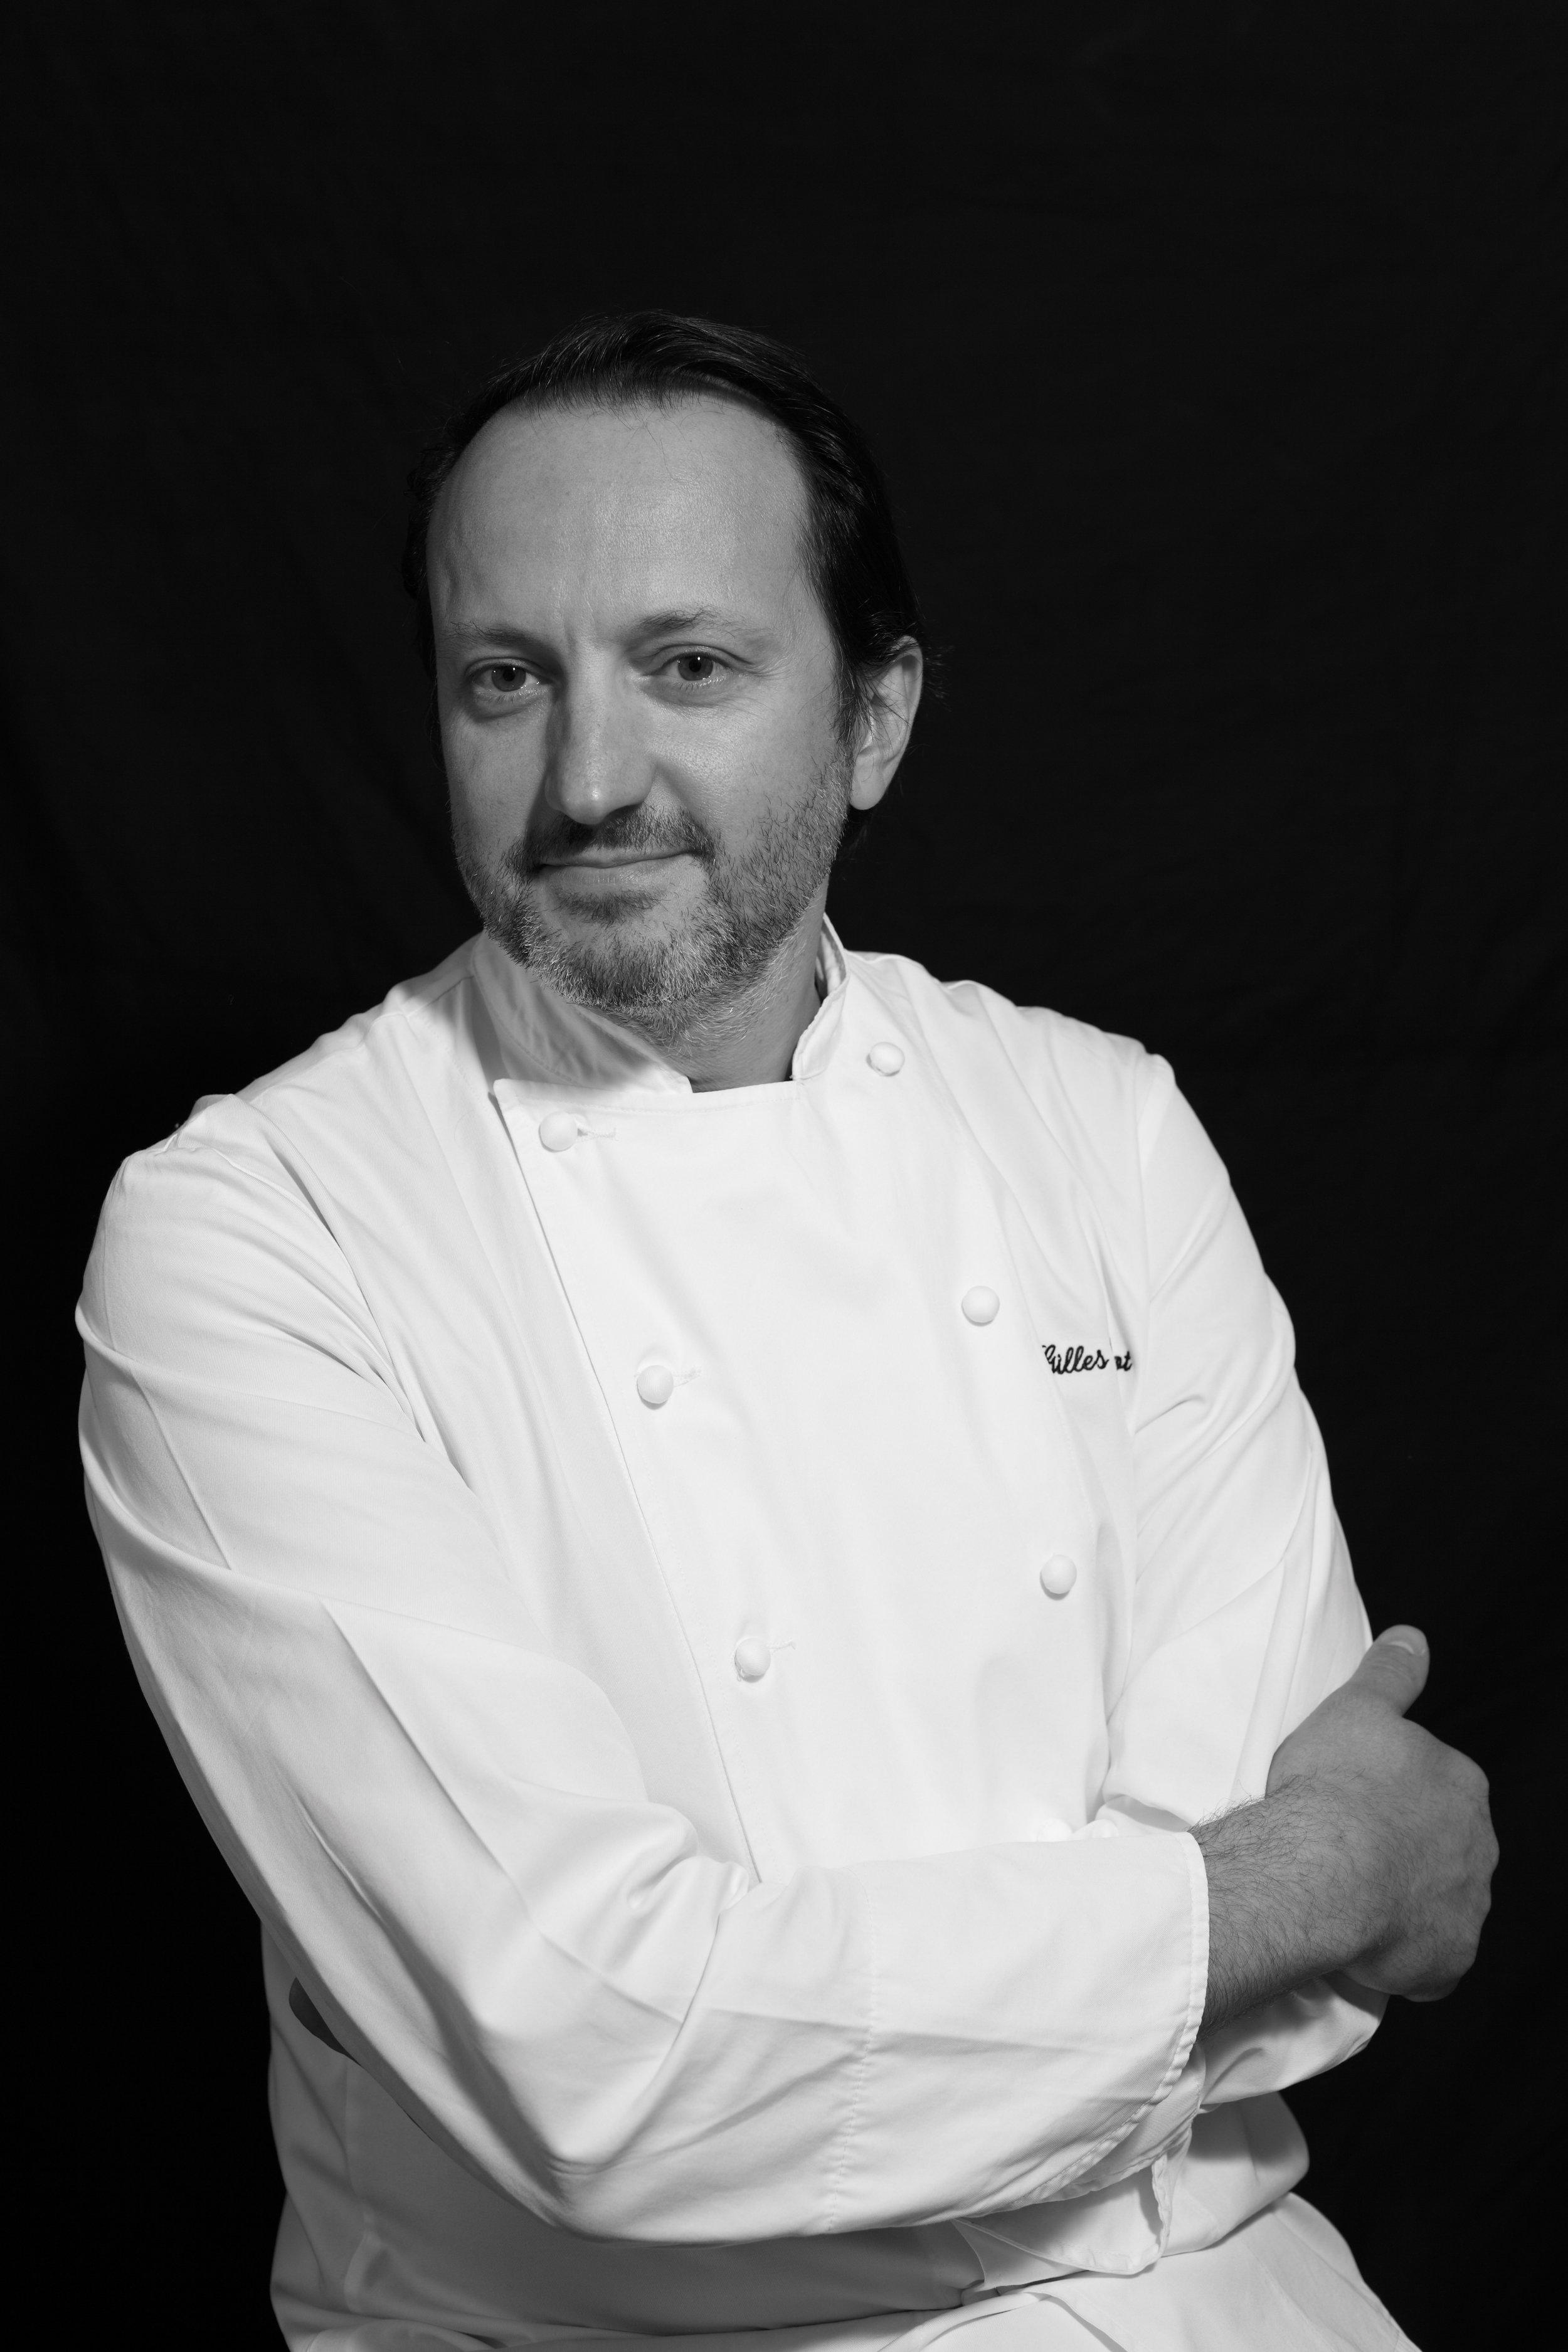 Gilles Verot 200029.JPG